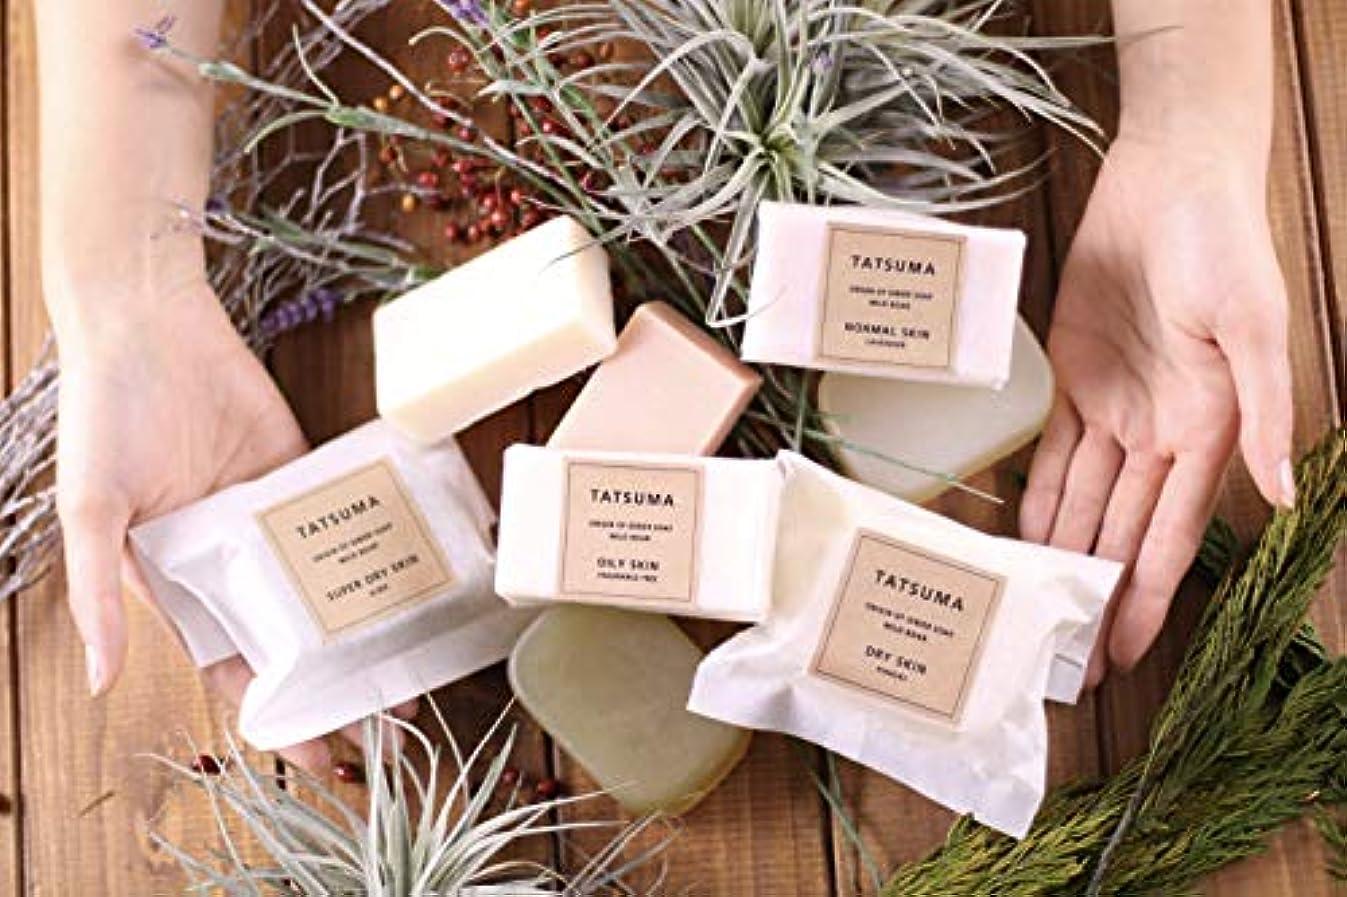 面積排出グラフTATSUMA SOAP 動物性オイルの無添加石鹸 NORMAL SKIN 普通肌さん ラベンダーの香(80g)